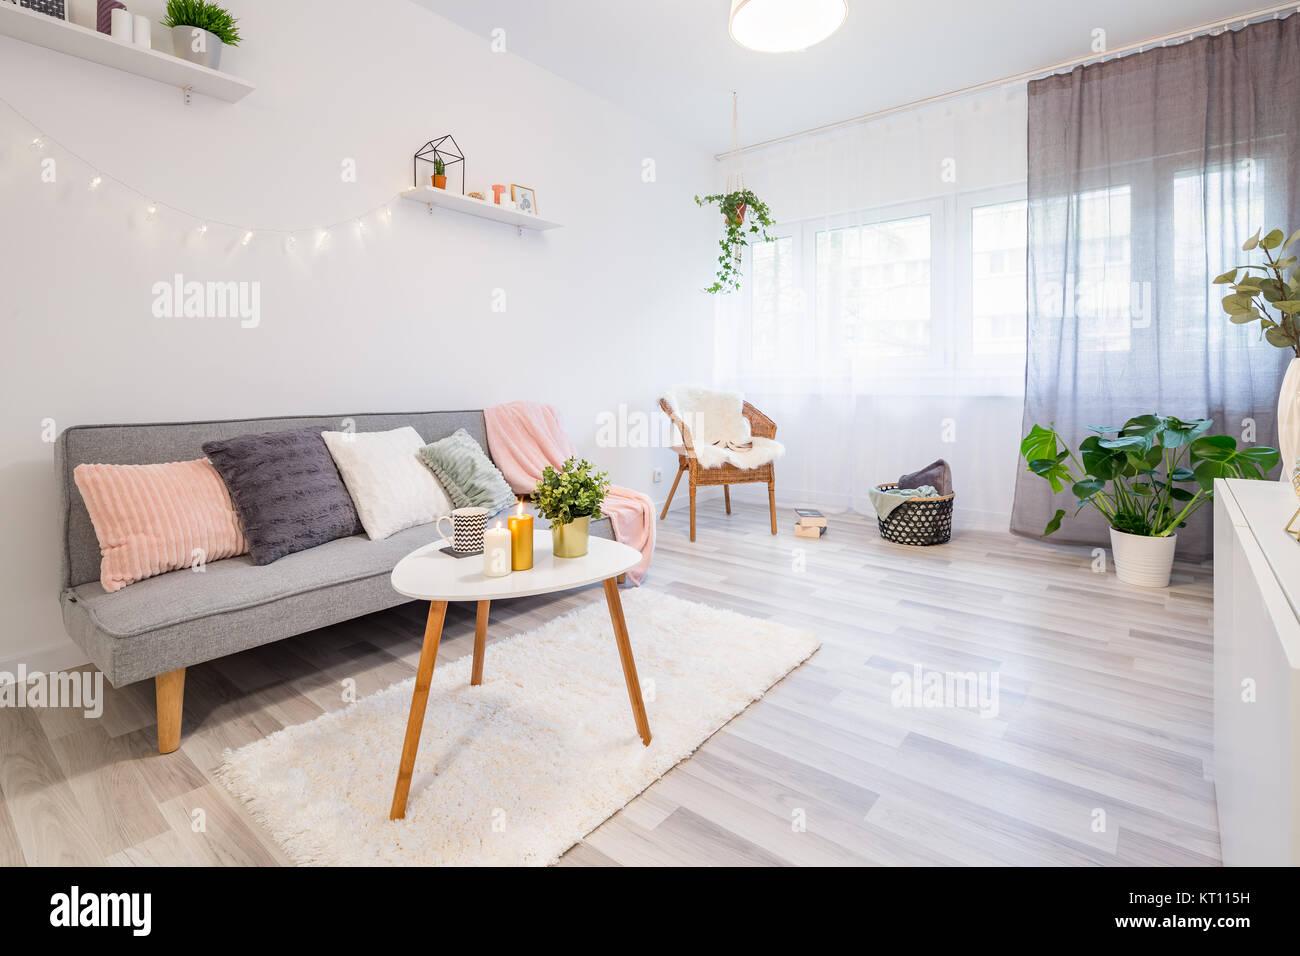 https www alamyimages fr photo image canape avec coussins une table basse et shaggy tapis salon scandinave 169667949 html